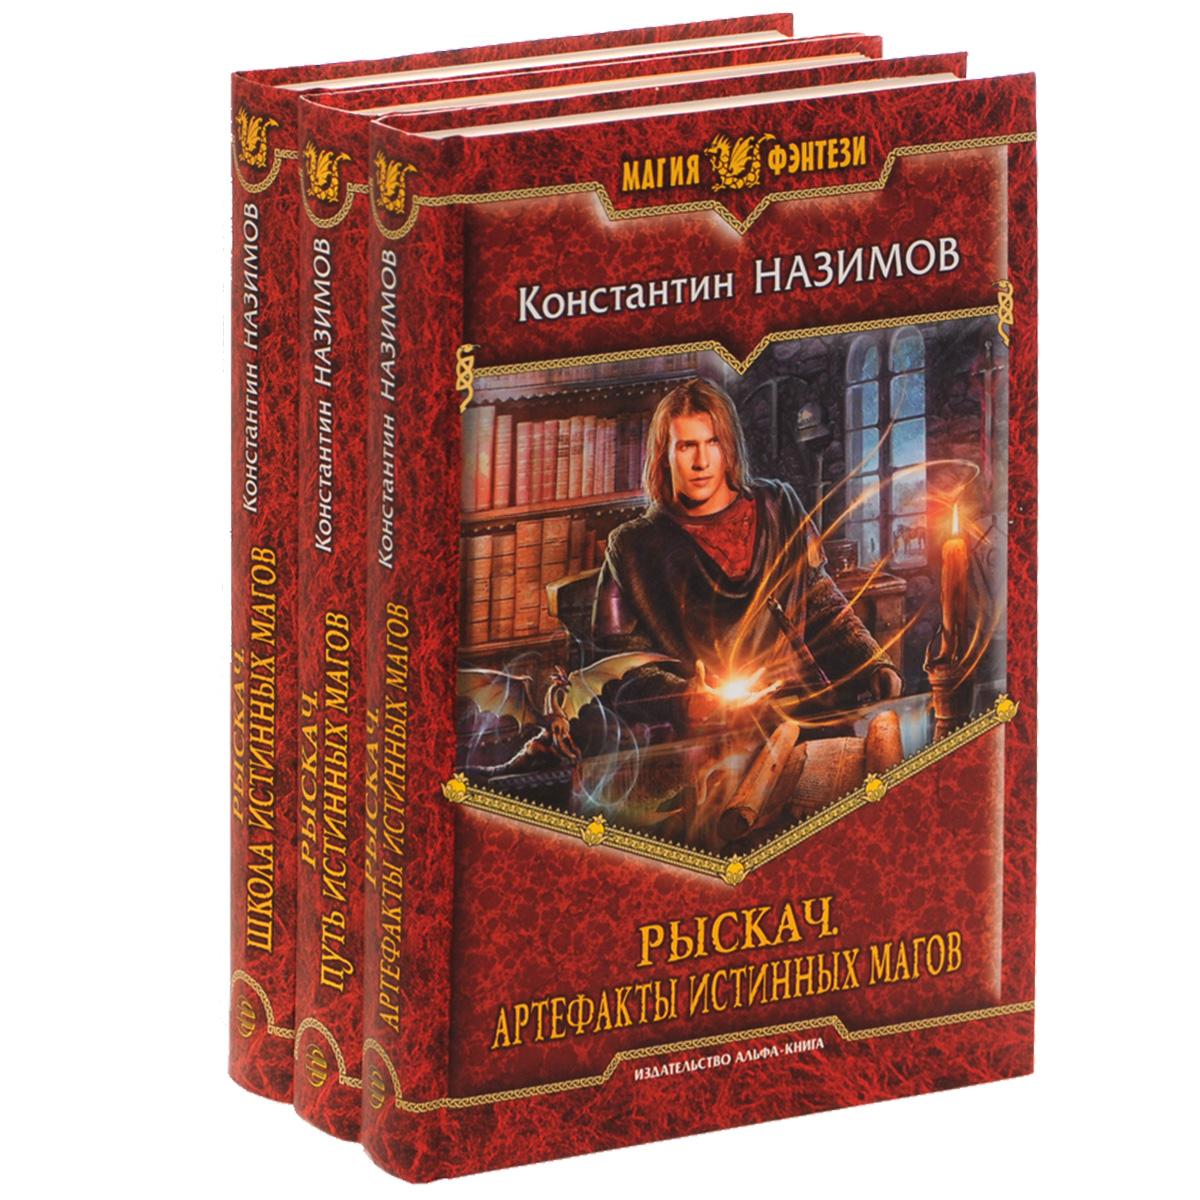 Константин Назимов Рыскач (комплект из 3 книг) назимов к рыскач путь истинных магов роман